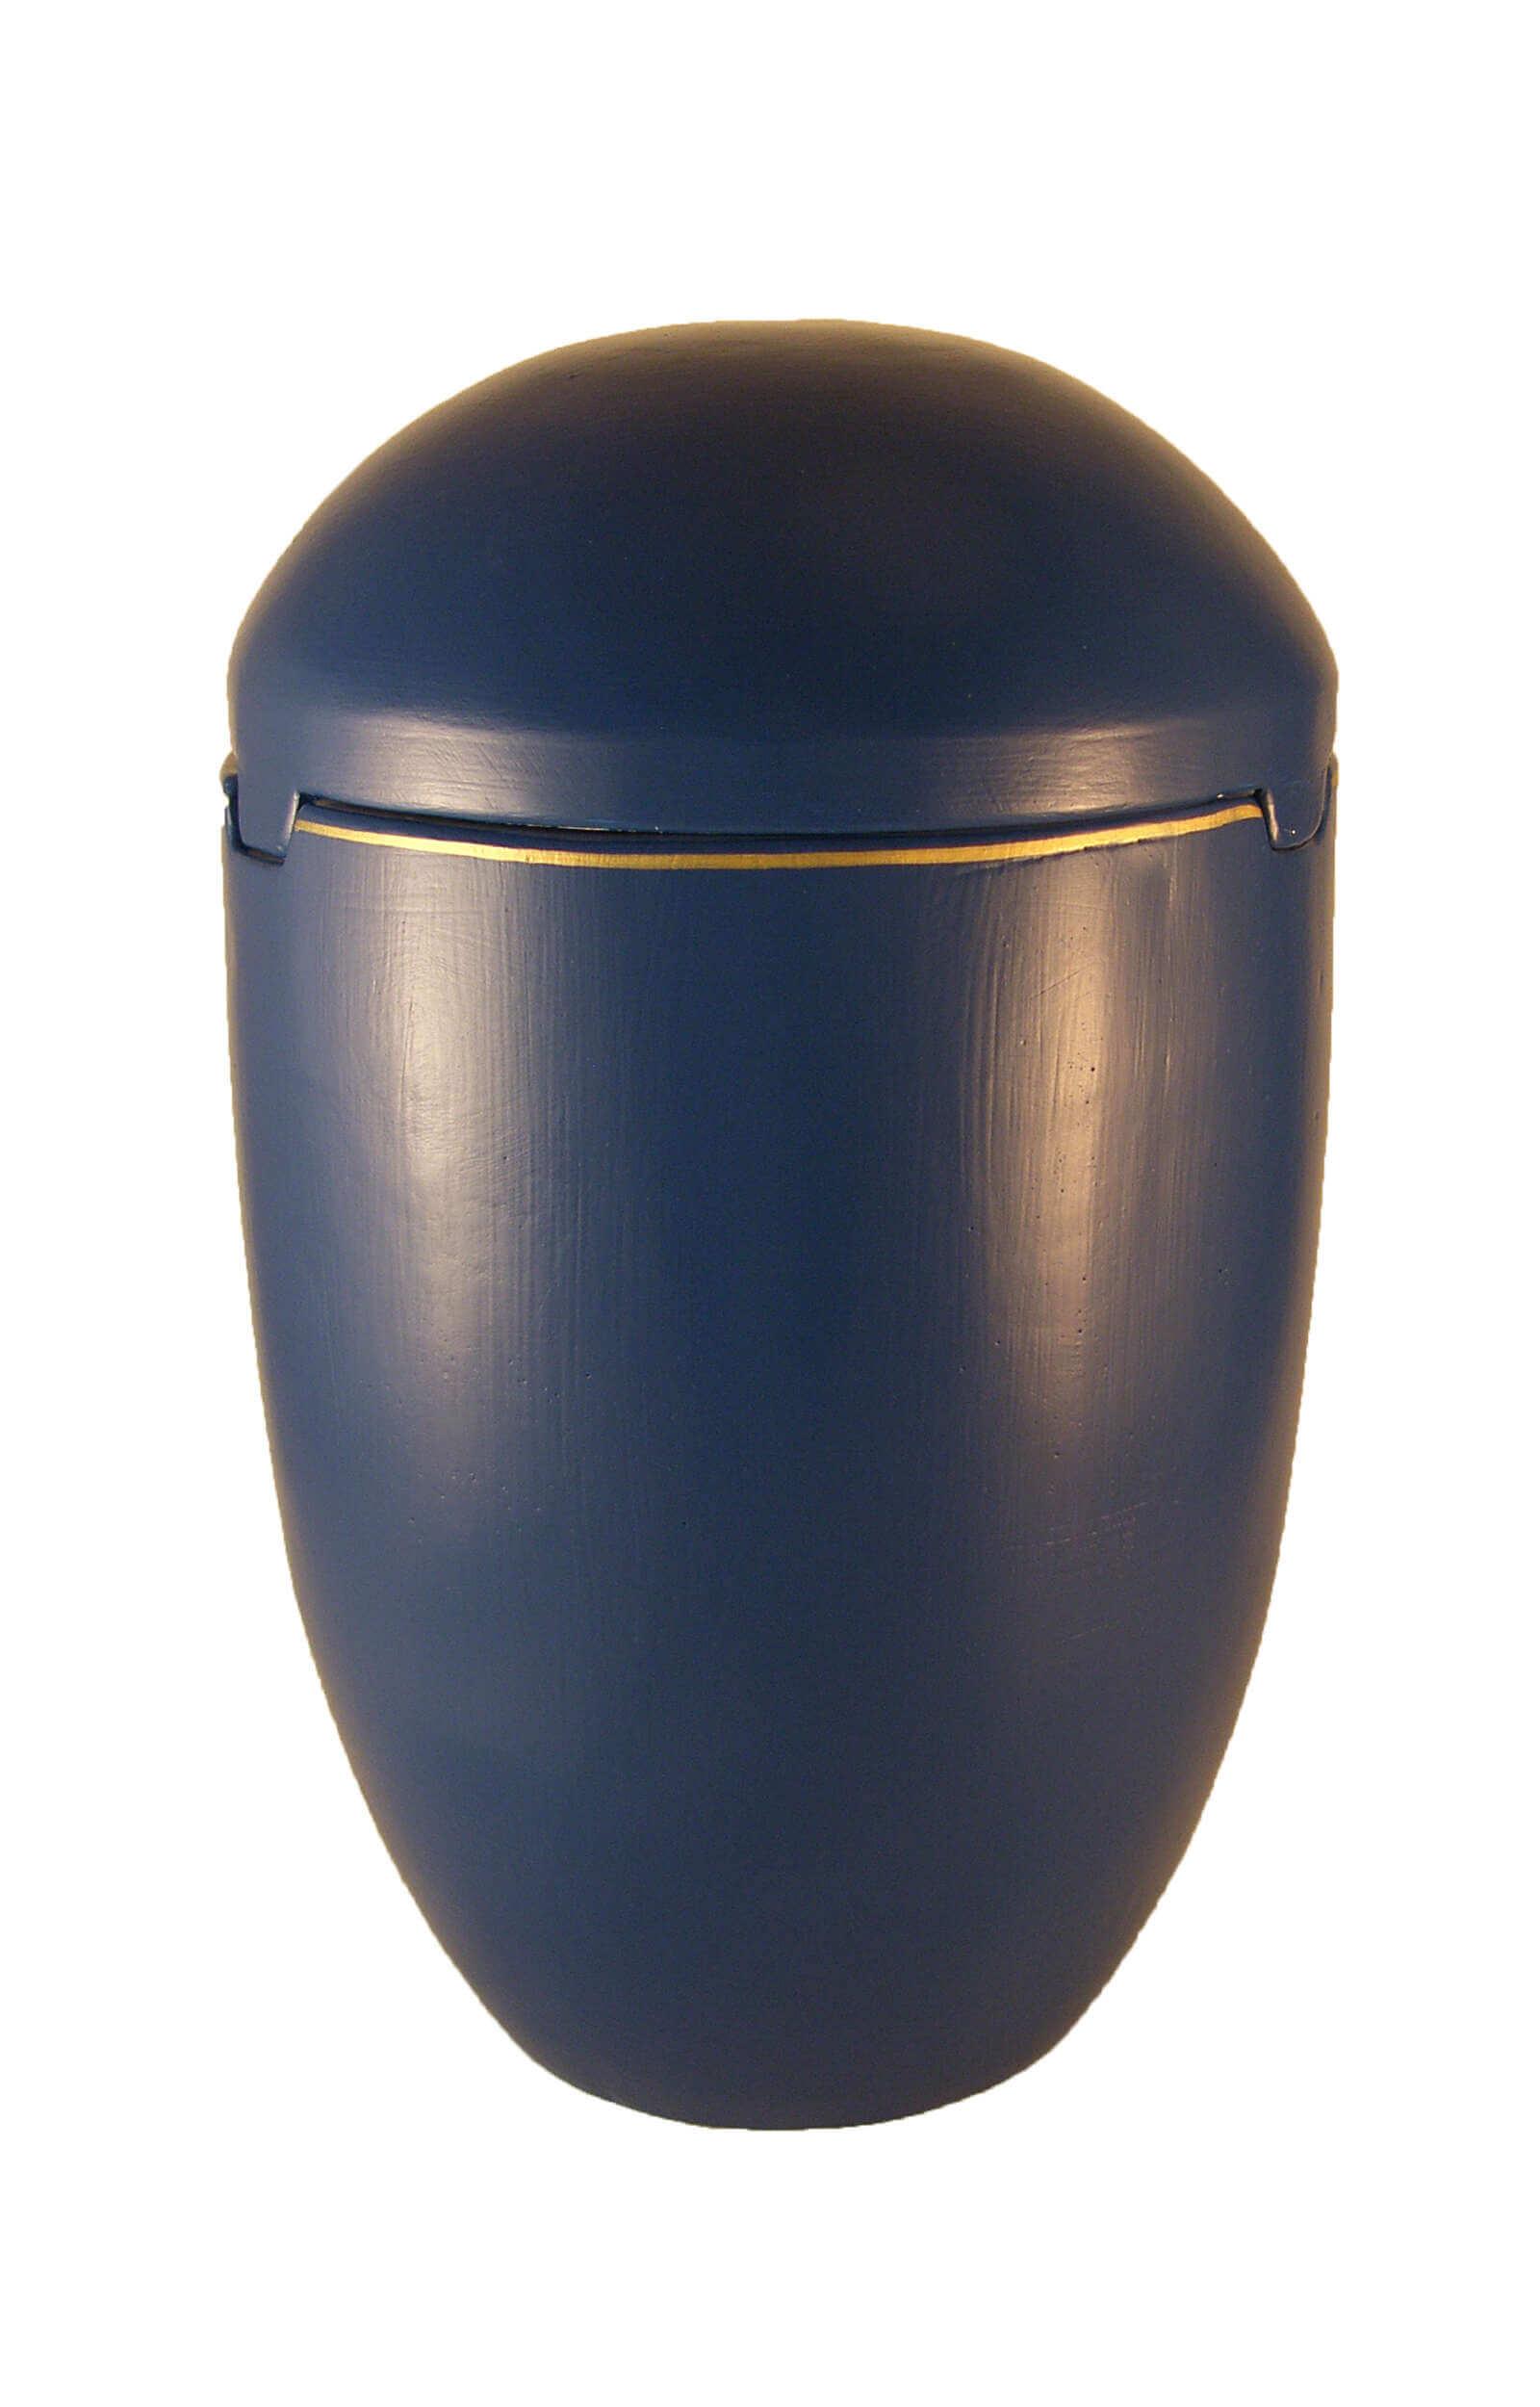 en SK7022 sea urn on sale sky blue gold decor funeral urns for human ashes